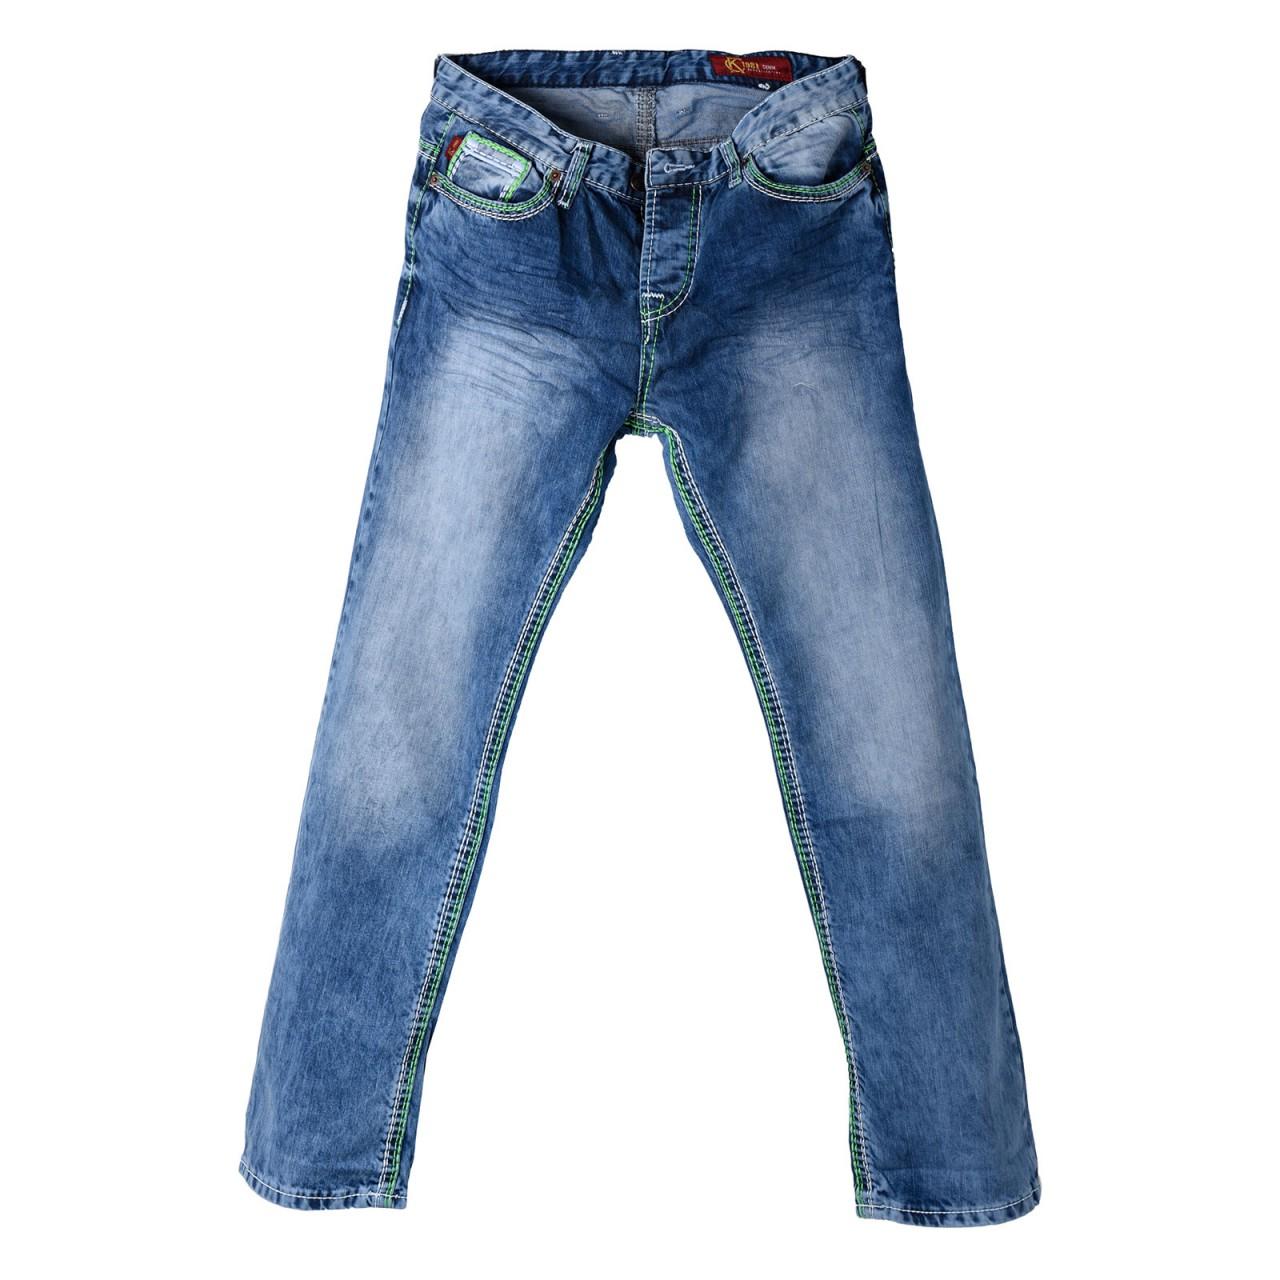 Herren Jeans im Used Look mit grünen XL-Nähten